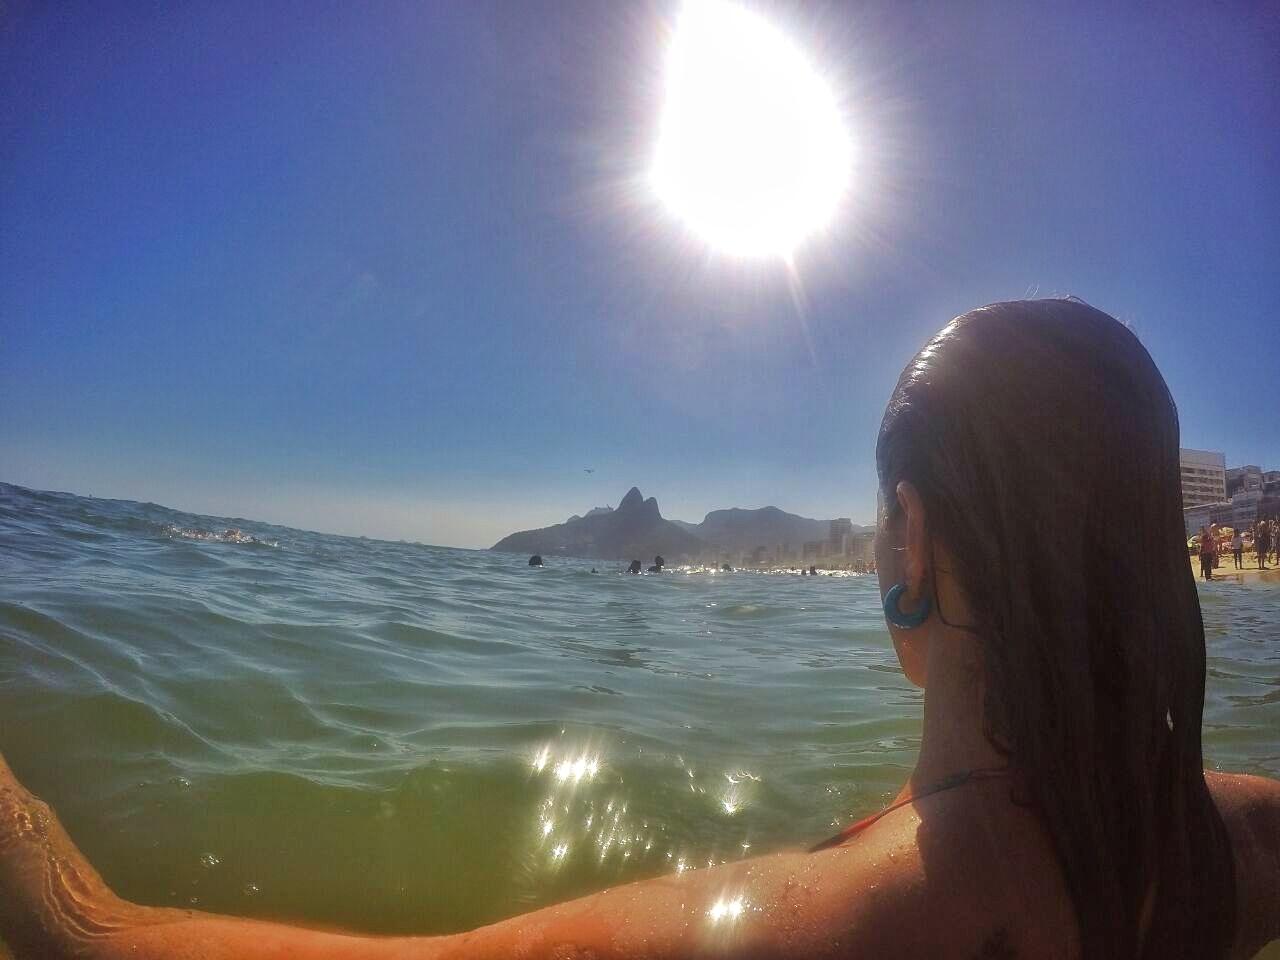 visitar o Rio em 3 dias